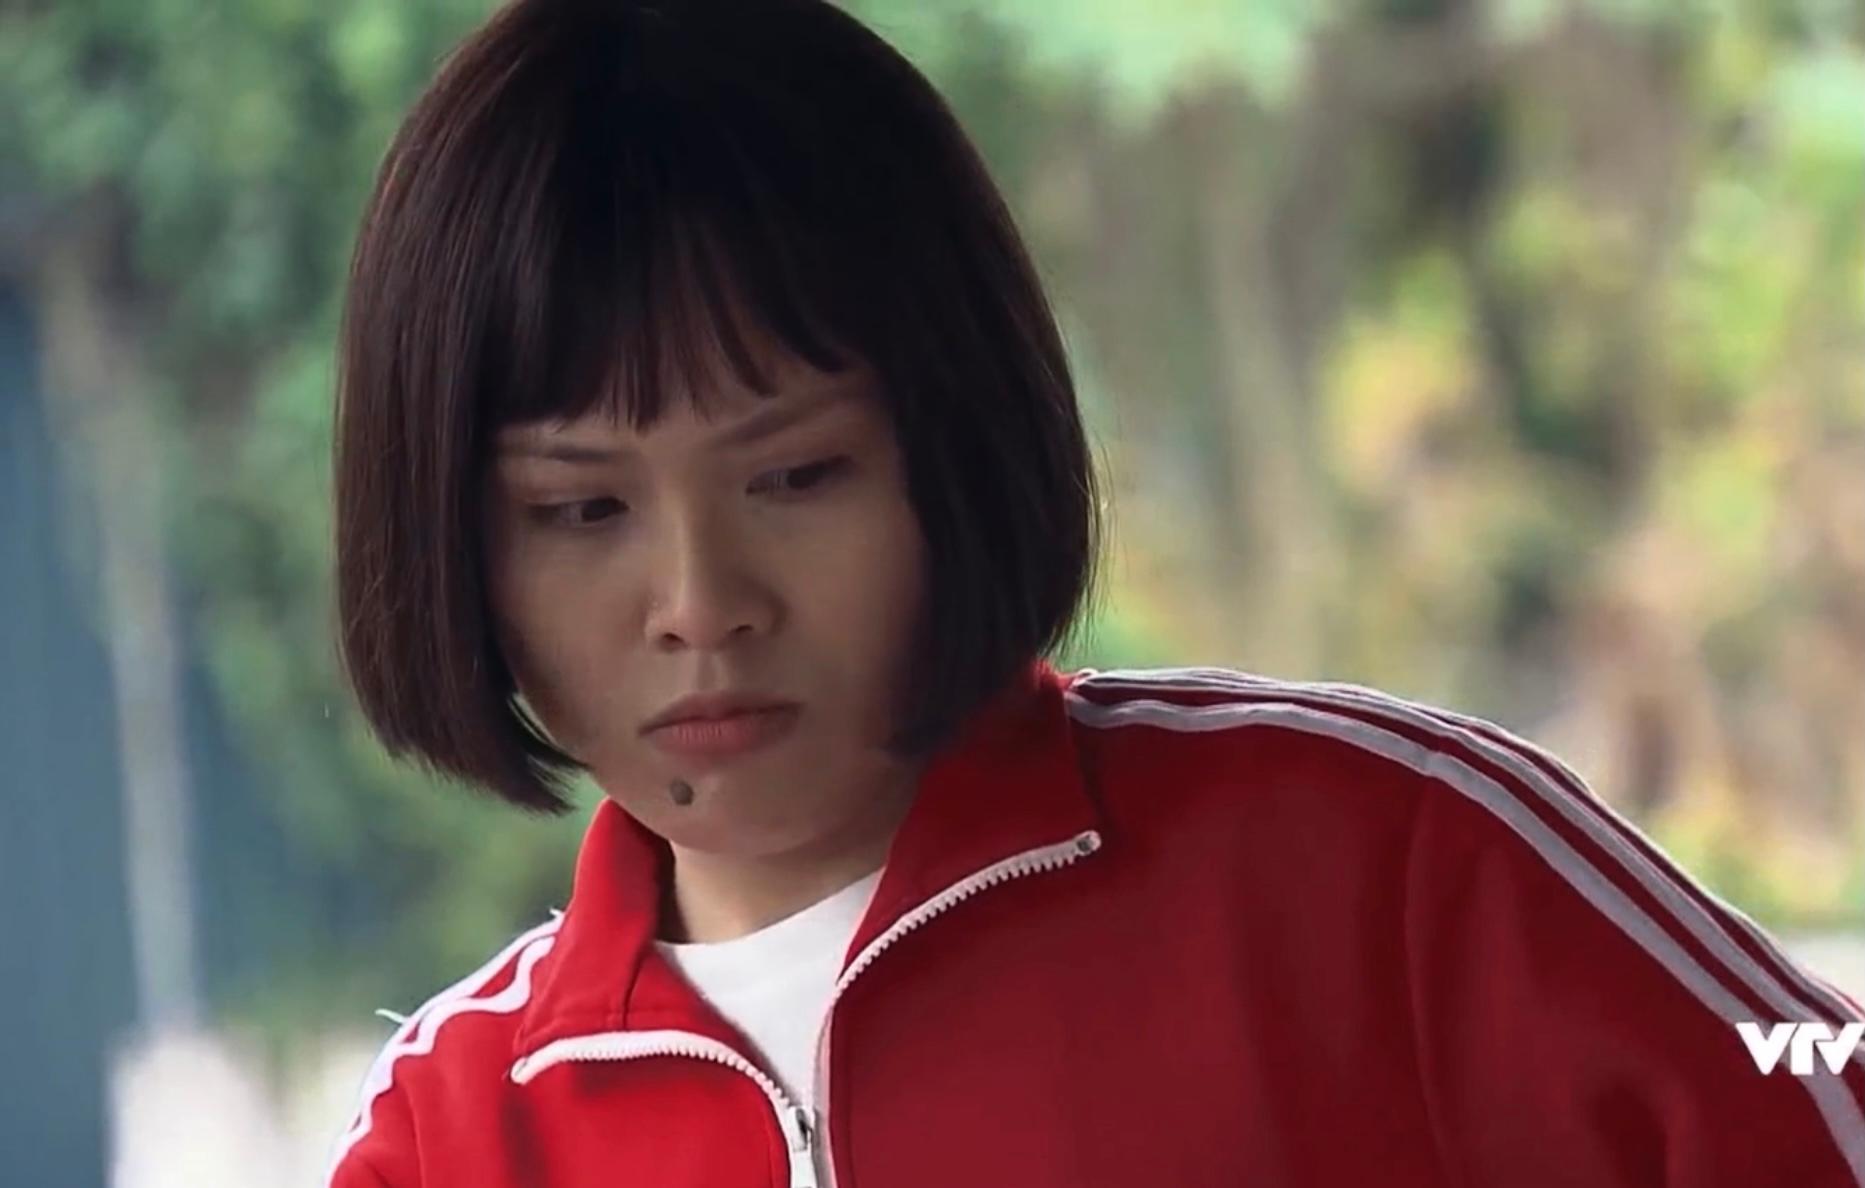 Khán giả sôi máu với màn thay diễn viên của Hương Vị Tình Thân, nhìn Diệp mới mà mất hứng xem phim - Ảnh 1.